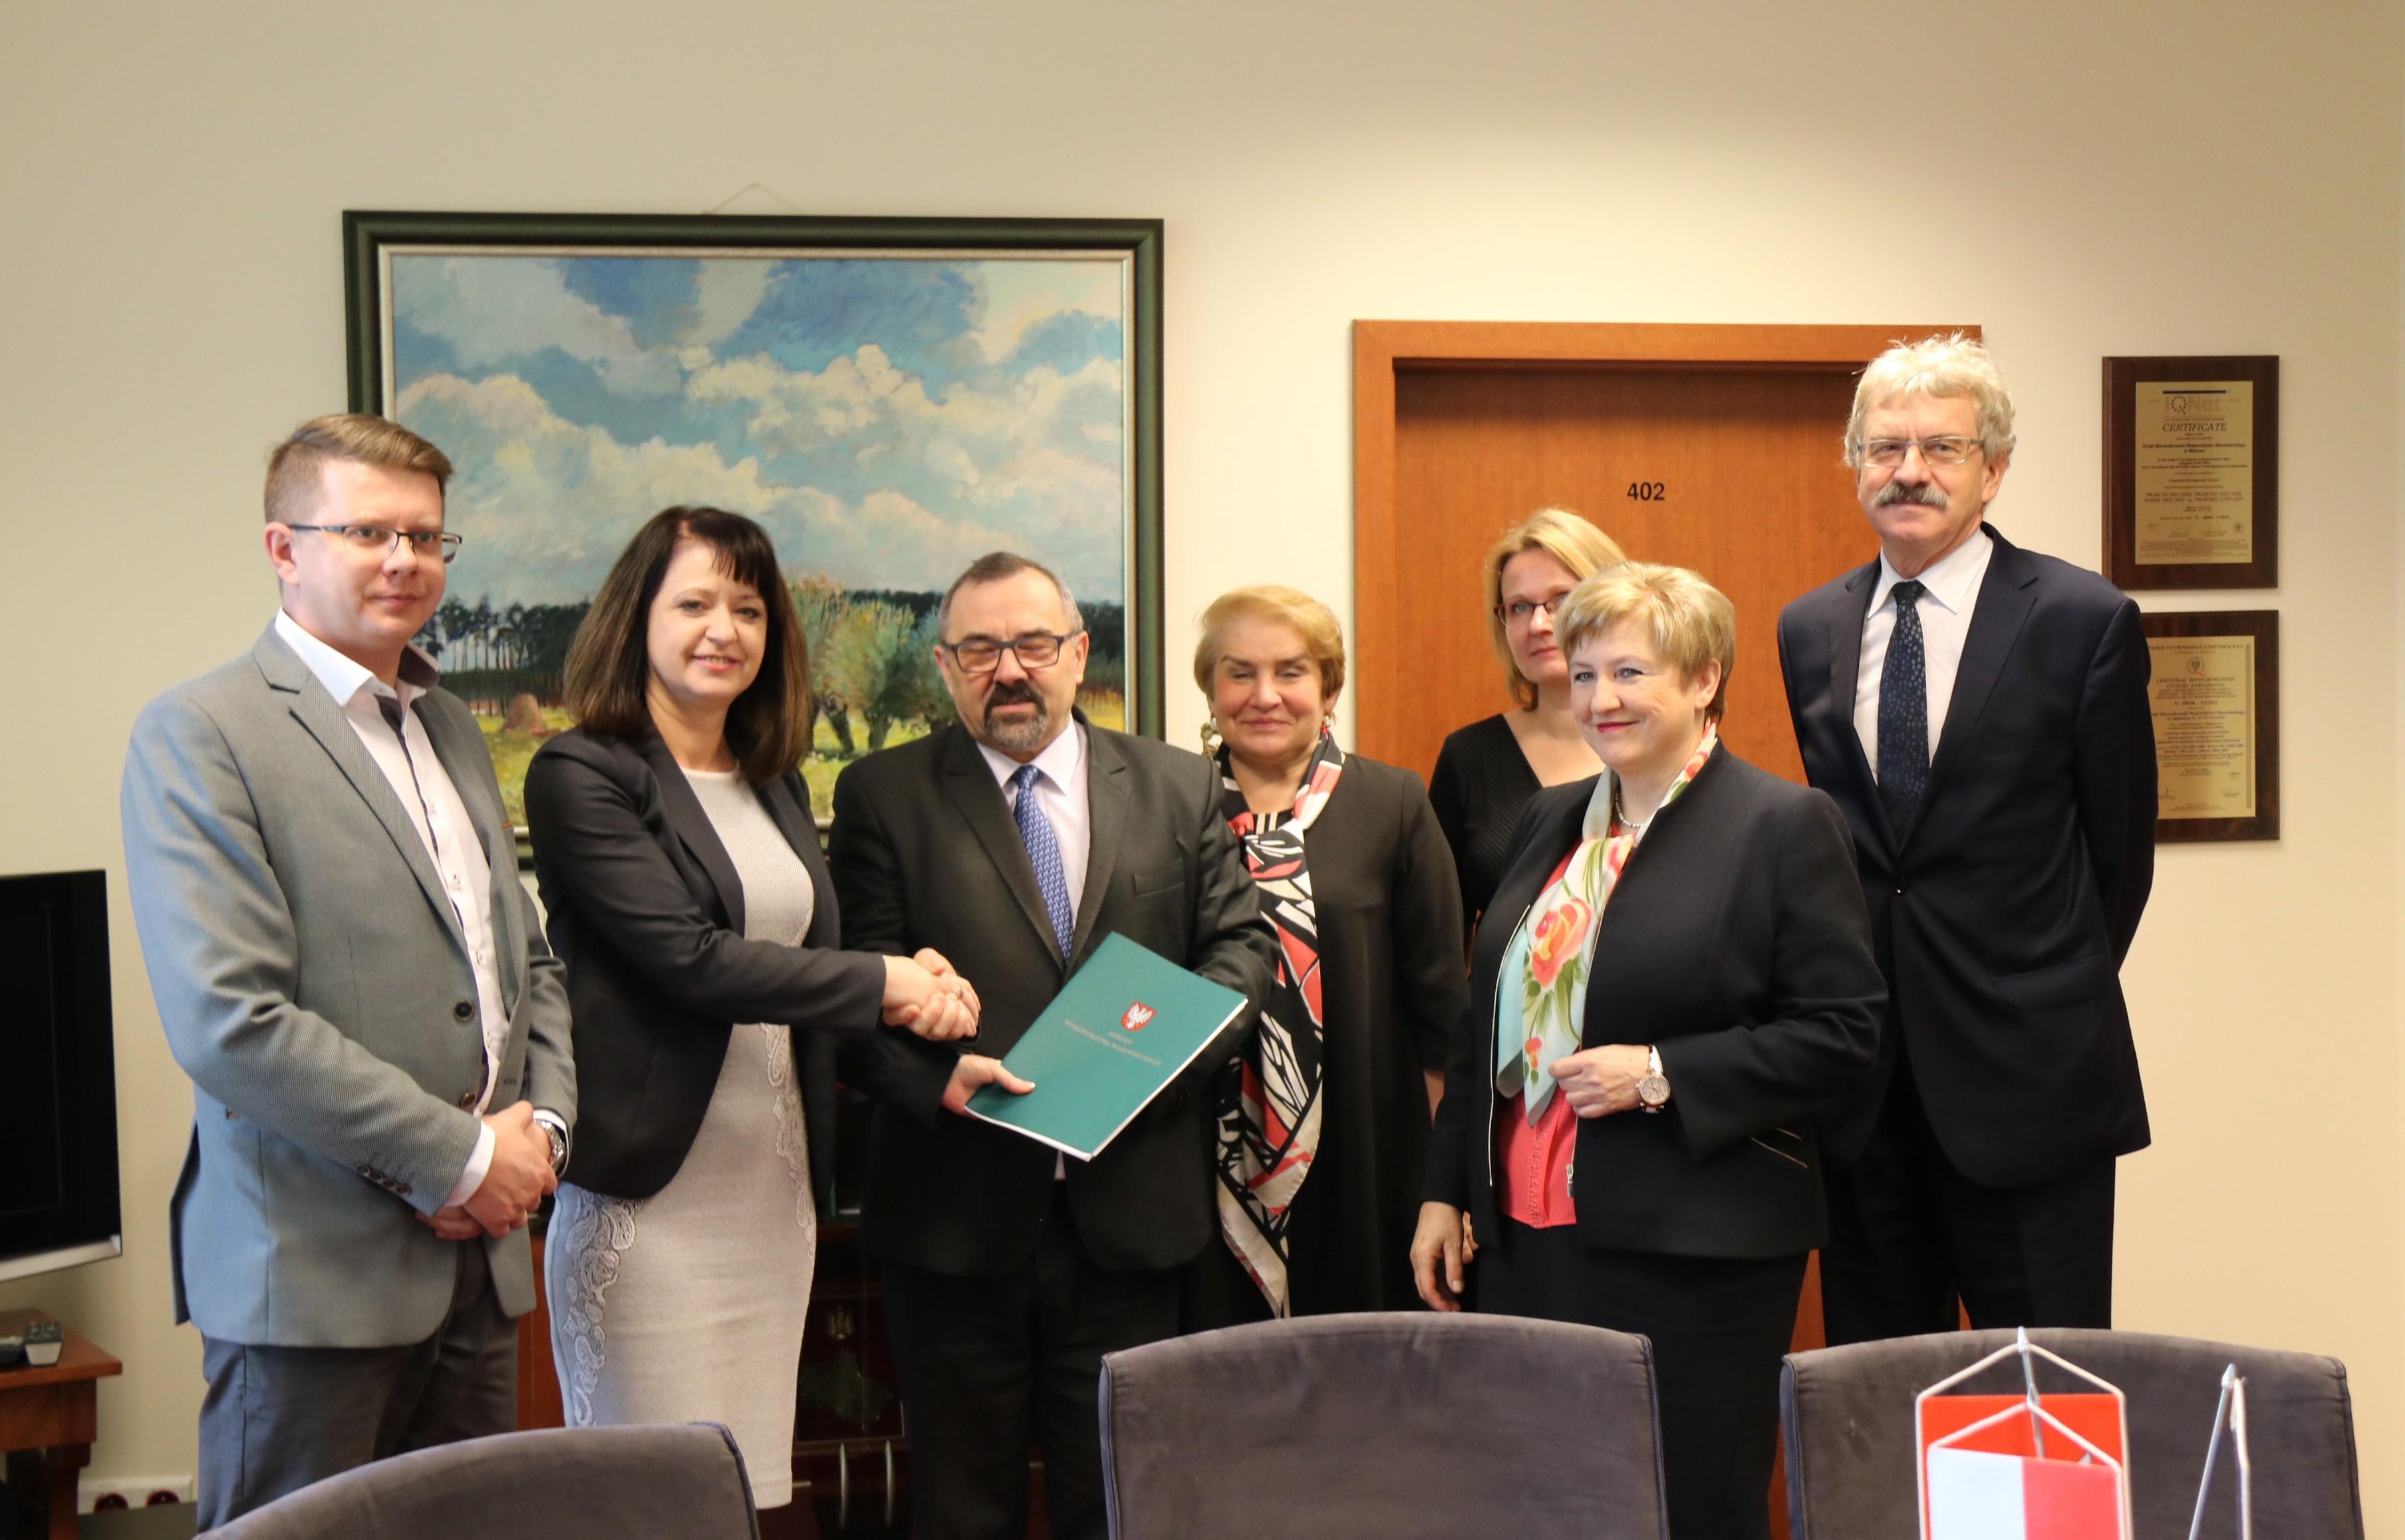 Uroczyste podpisanie umowy o dofinansowanie unijne projektu z dz. 1.1 Działalność badawczo-rozwojowa jednostek naukowych